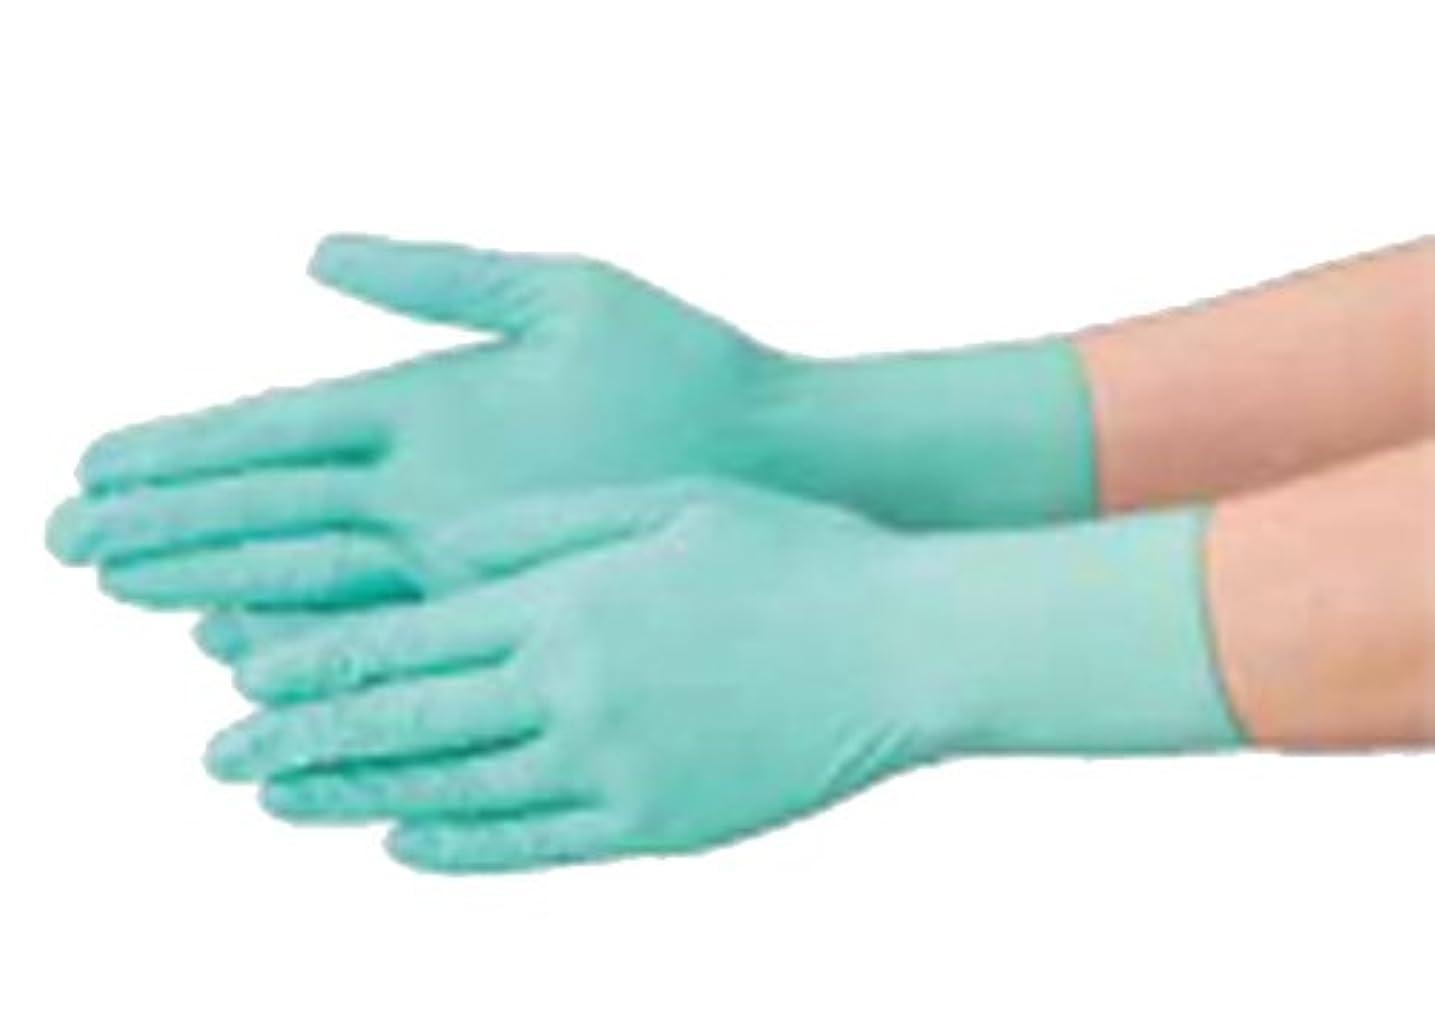 想像力含めるうそつき使い捨て 手袋 エブノ 571 ニトリル グリーン Sサイズ パウダーフリー 2ケース(100枚×60箱)